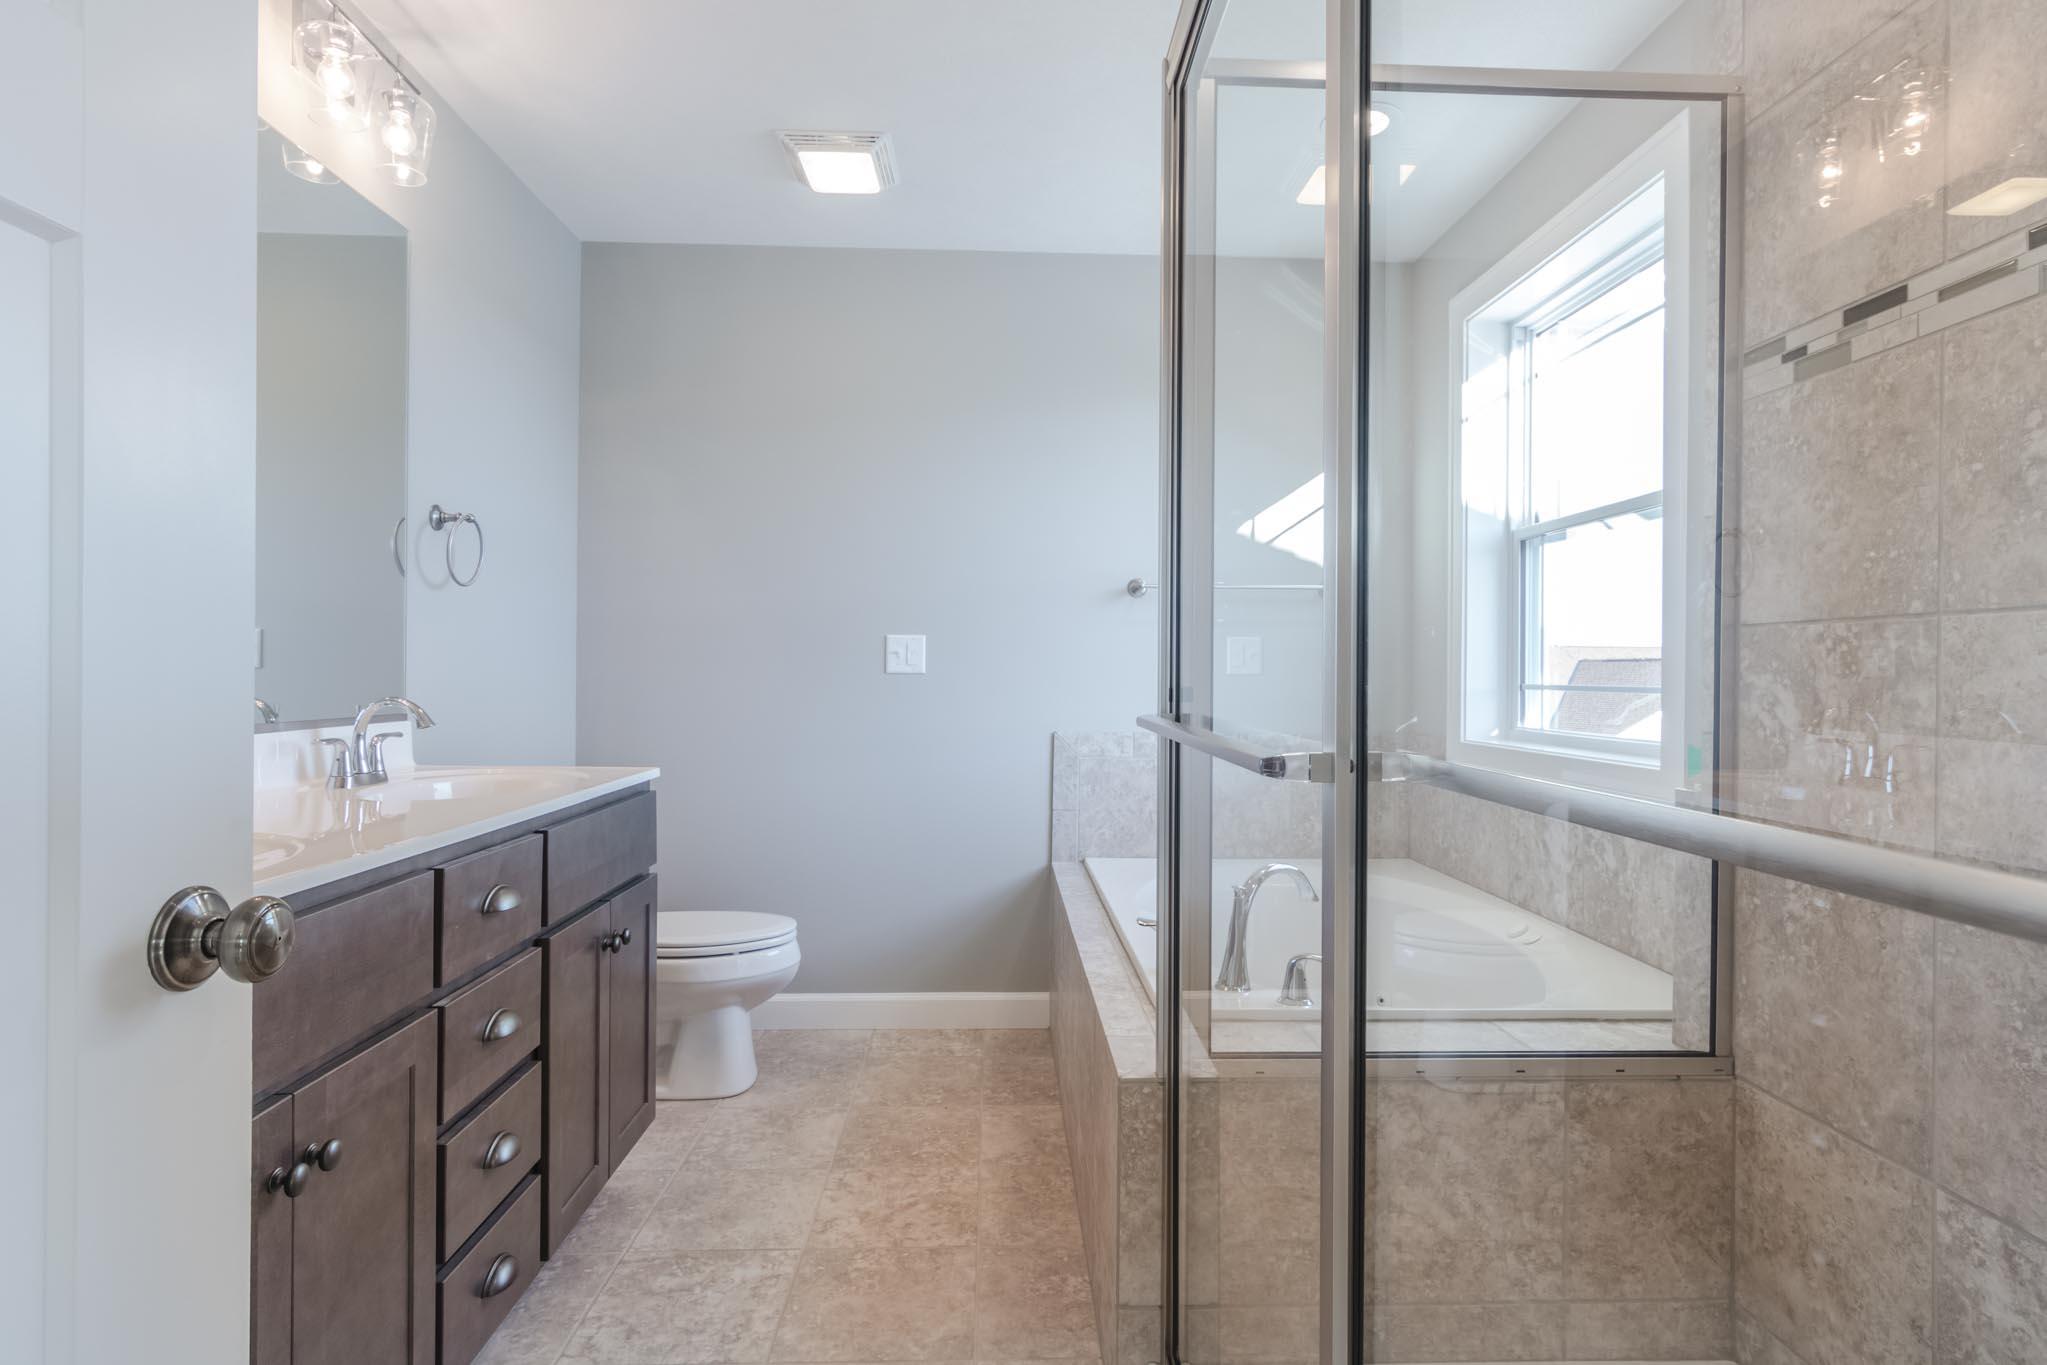 1815 Pfitzer master bath in Normal IL home for sale